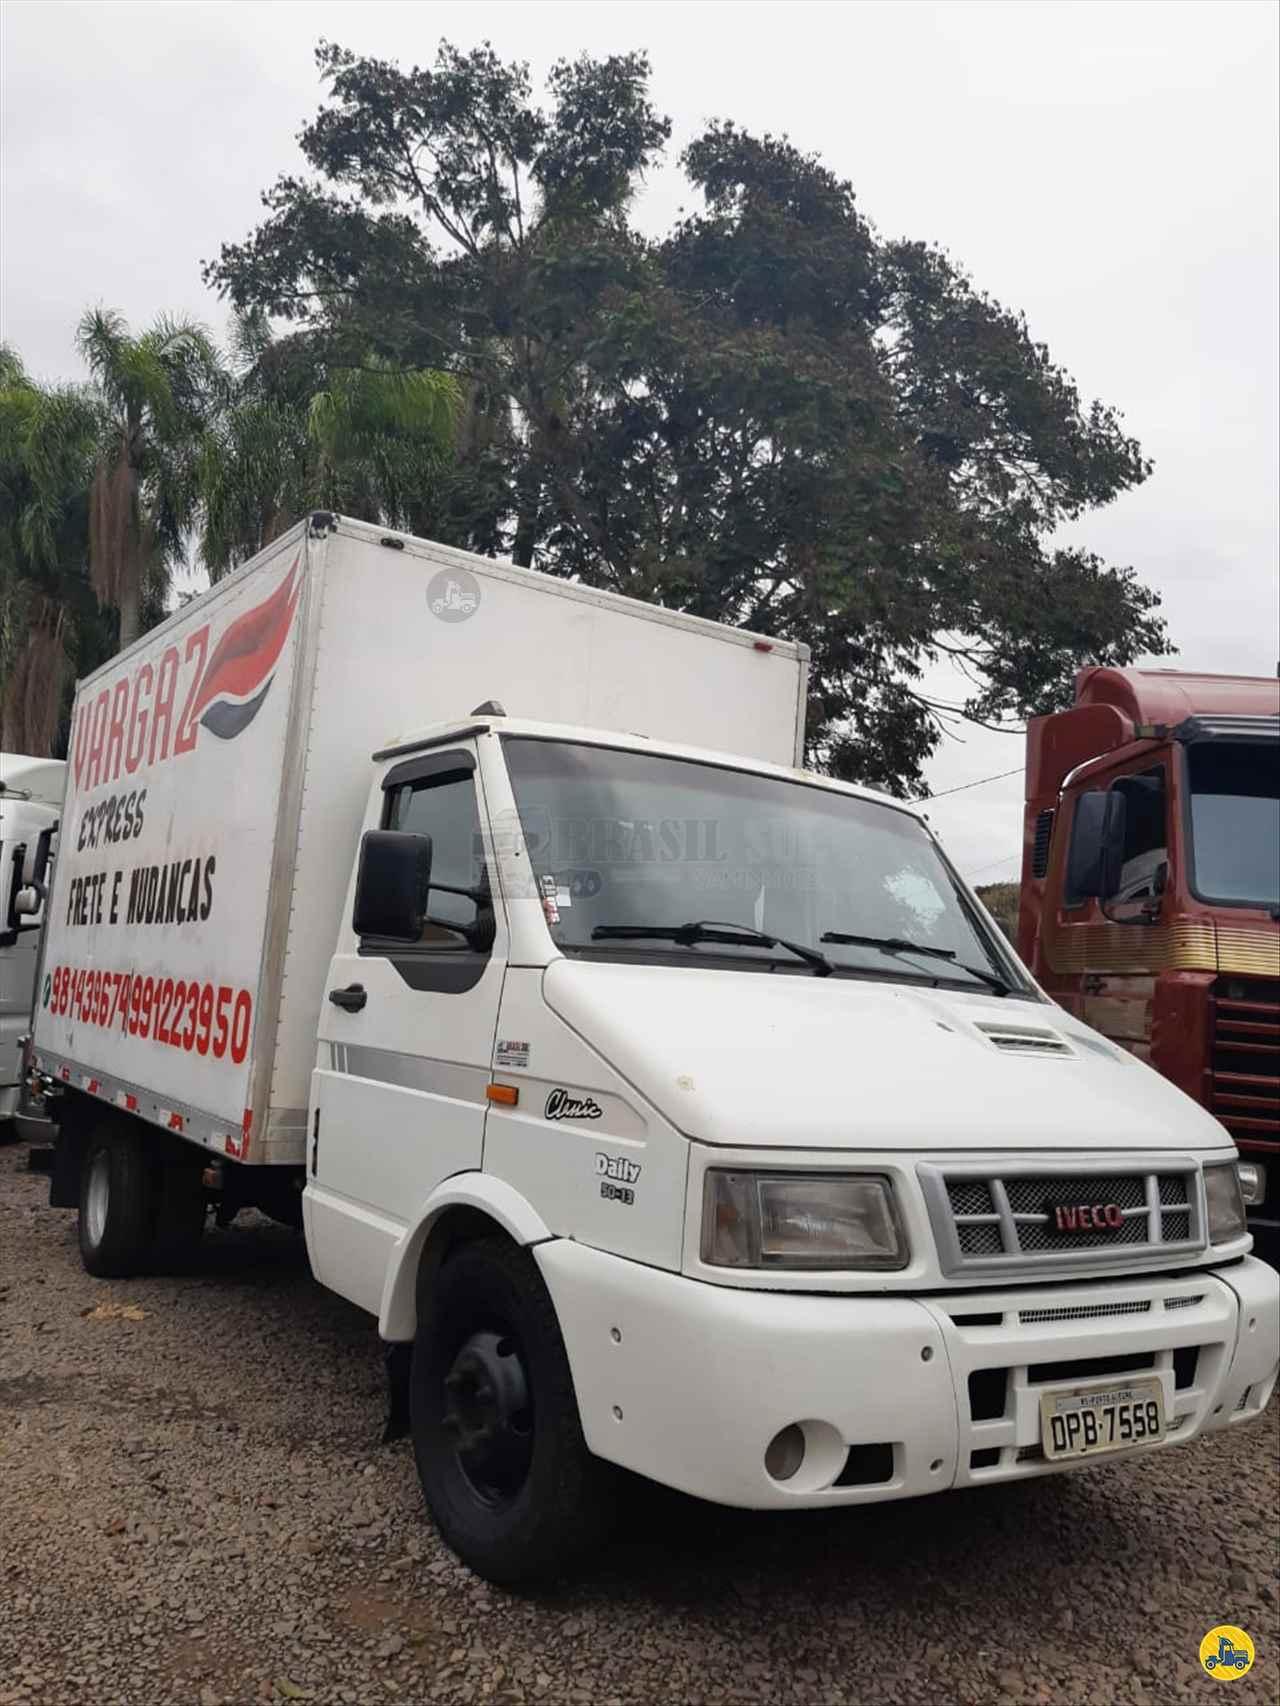 CAMINHAO IVECO DAILY 50-13 Baú Furgão 3/4 4x2 Brasil Sul Caminhões PORTAO RIO GRANDE DO SUL RS